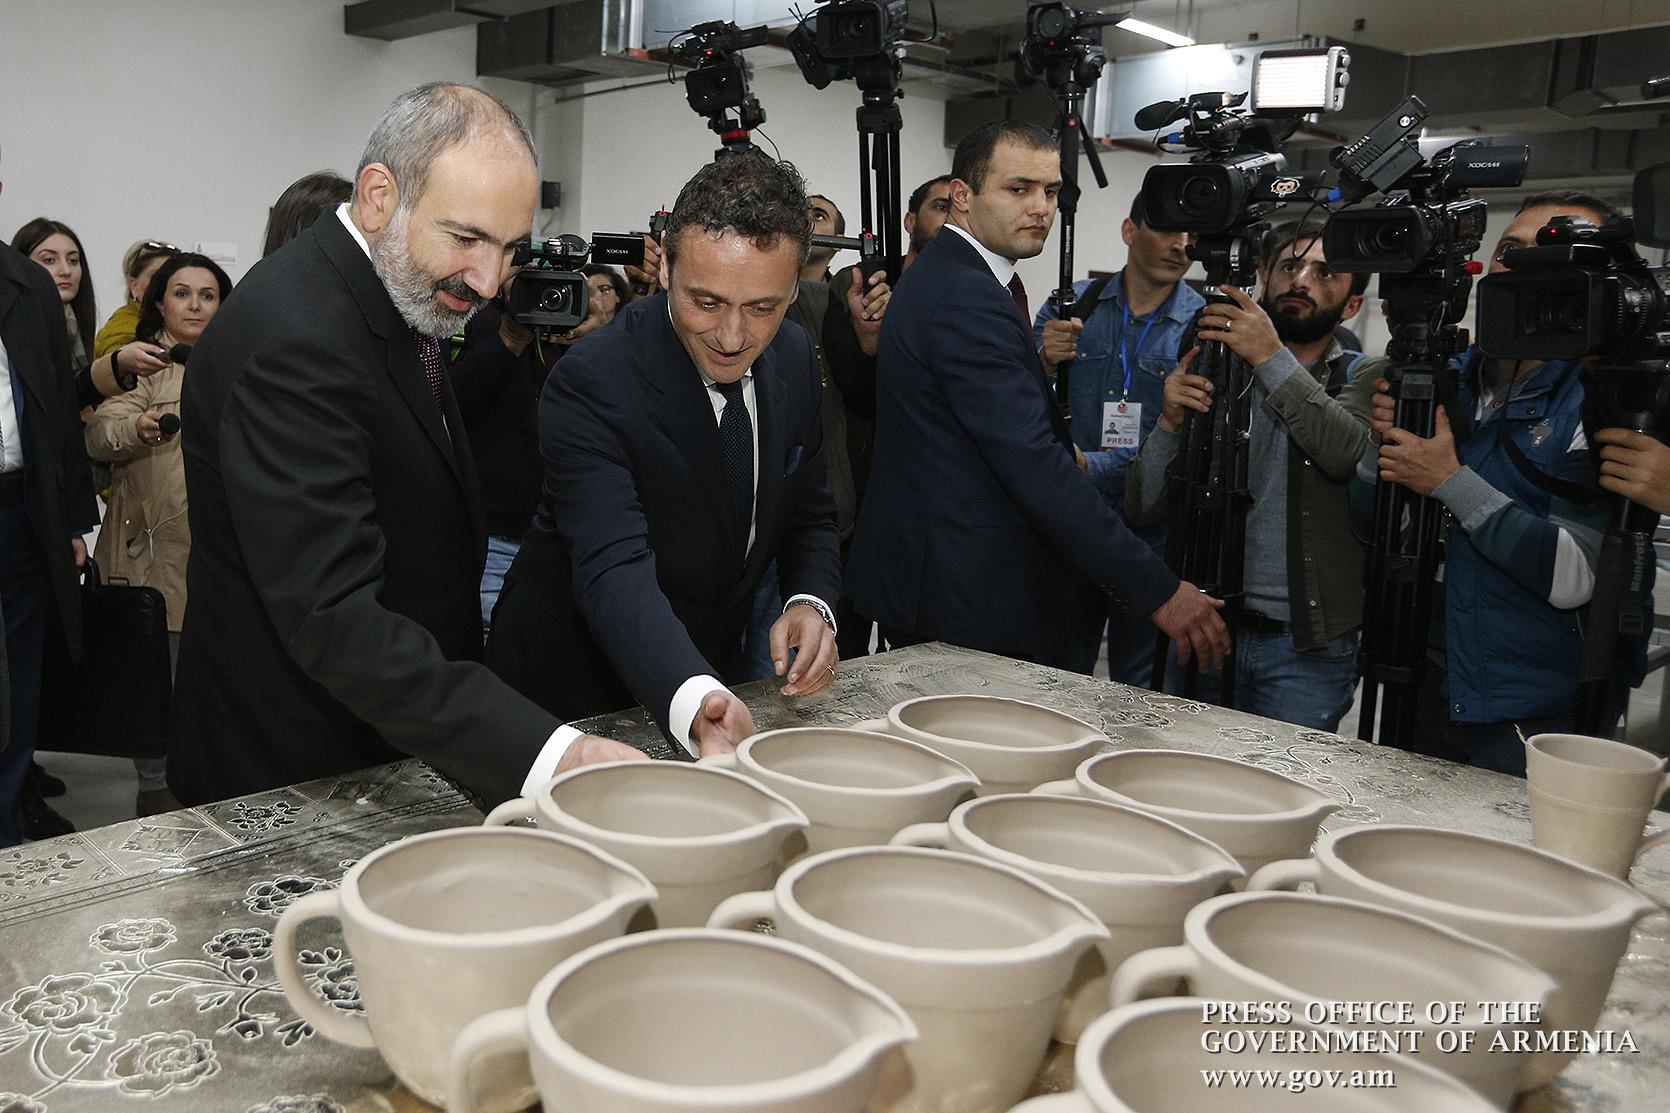 Վարչապետը ներկա է գտնել Ceramisia գործարանի բացմանը